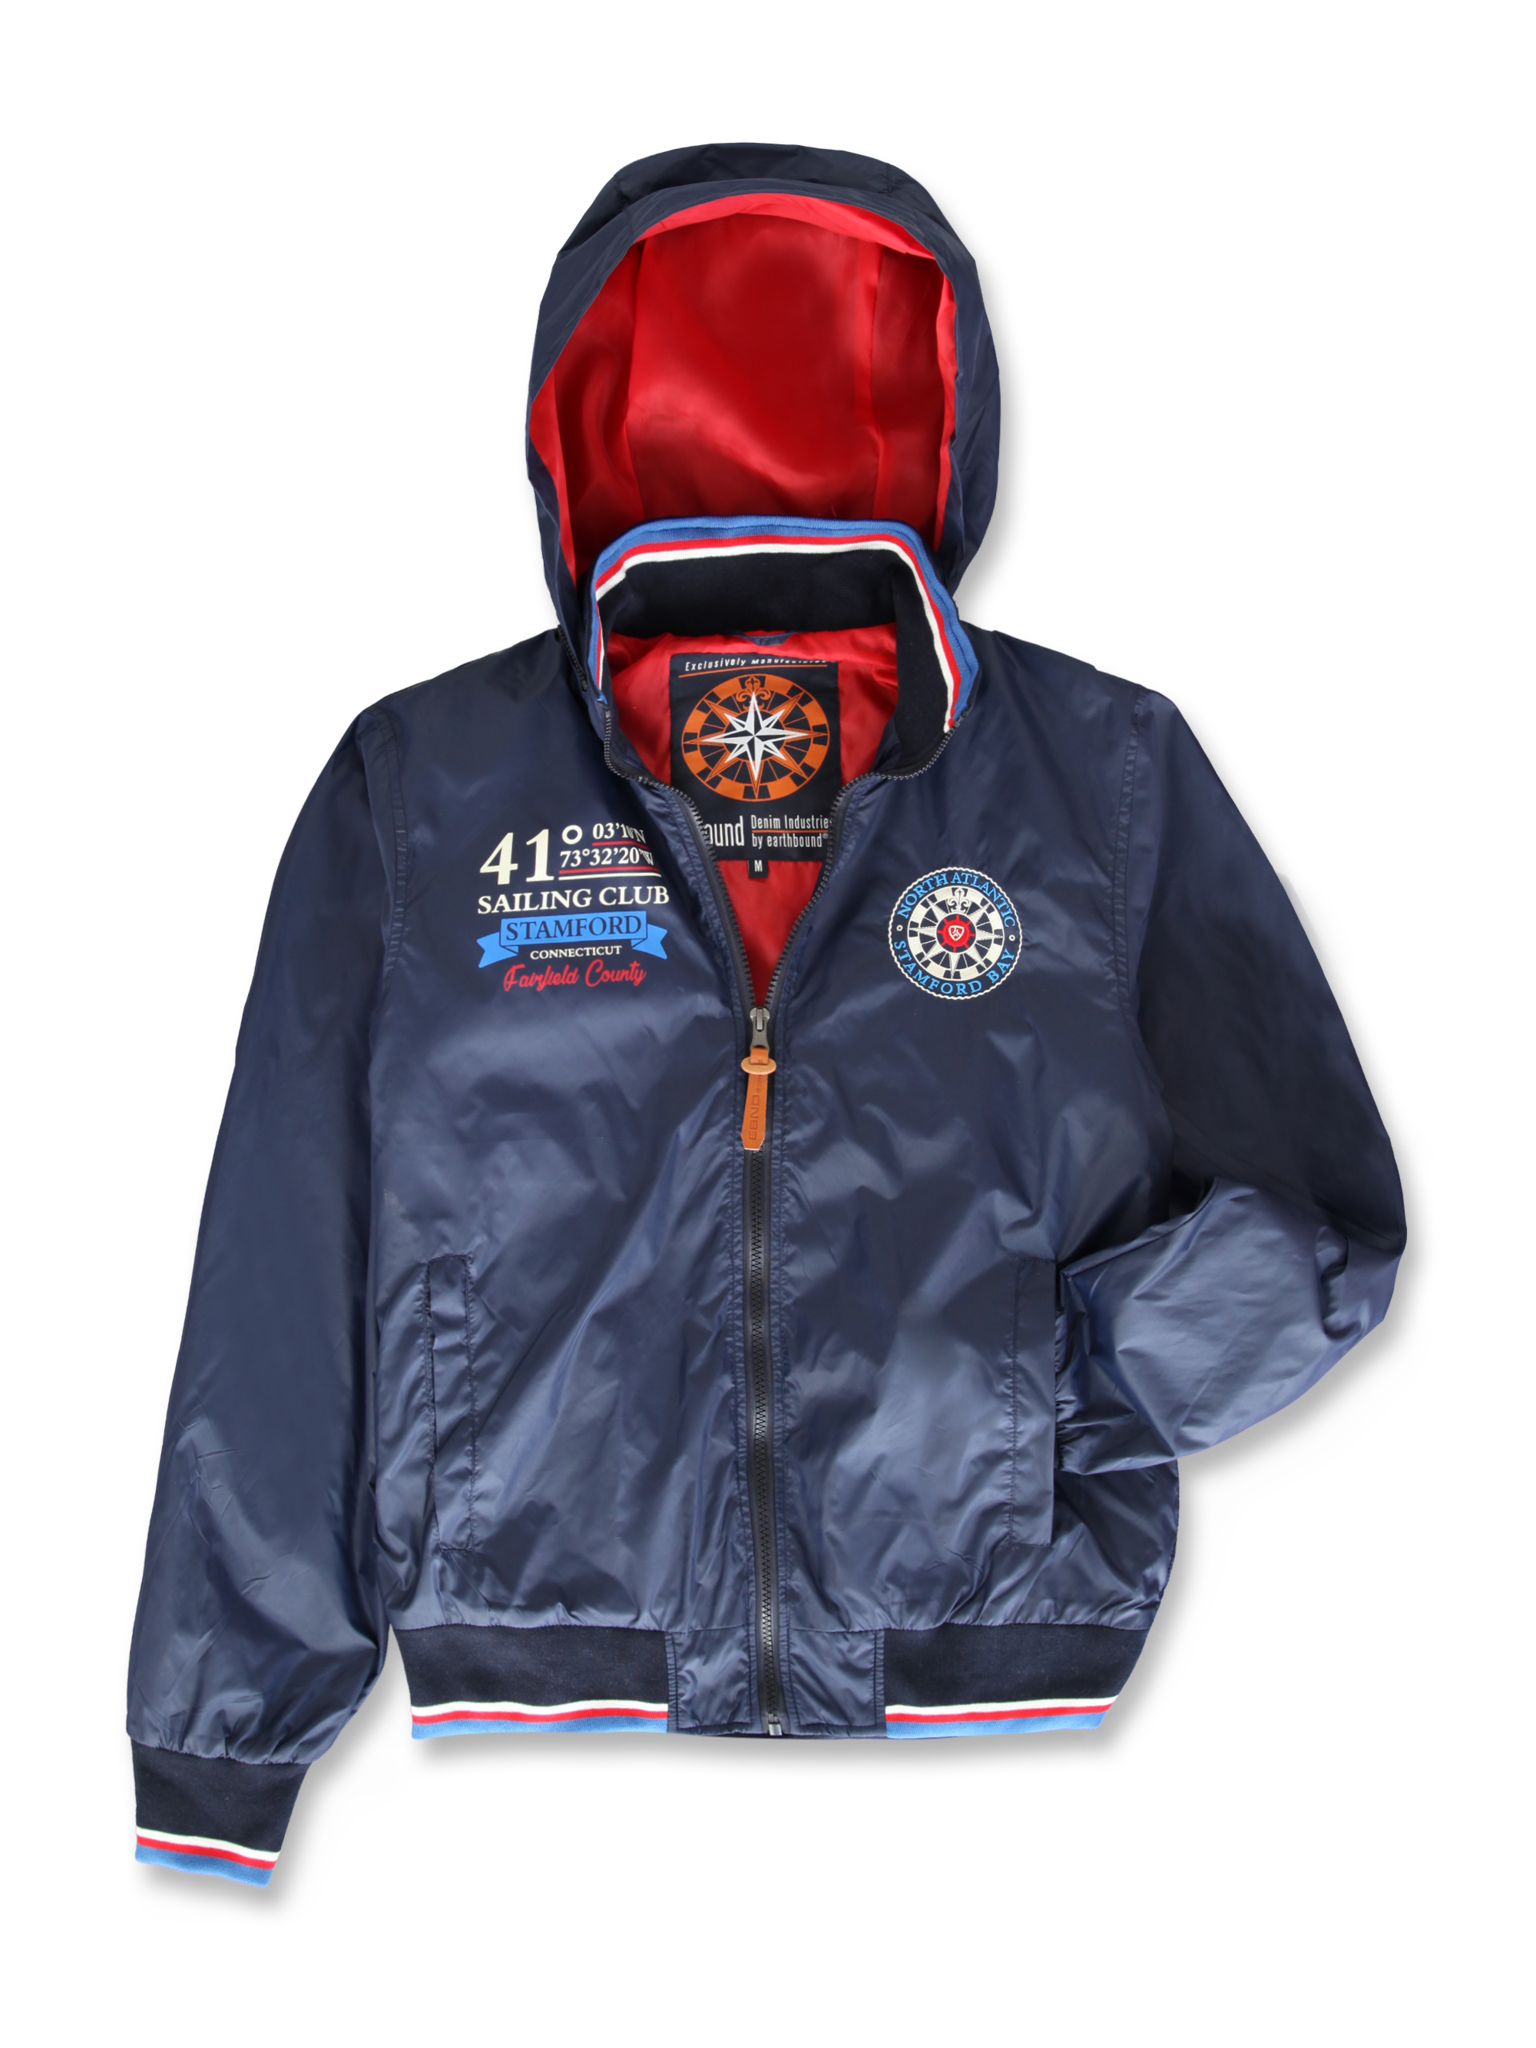 All Brands | Summerproducts Men | Jacket | 12 pcs/box